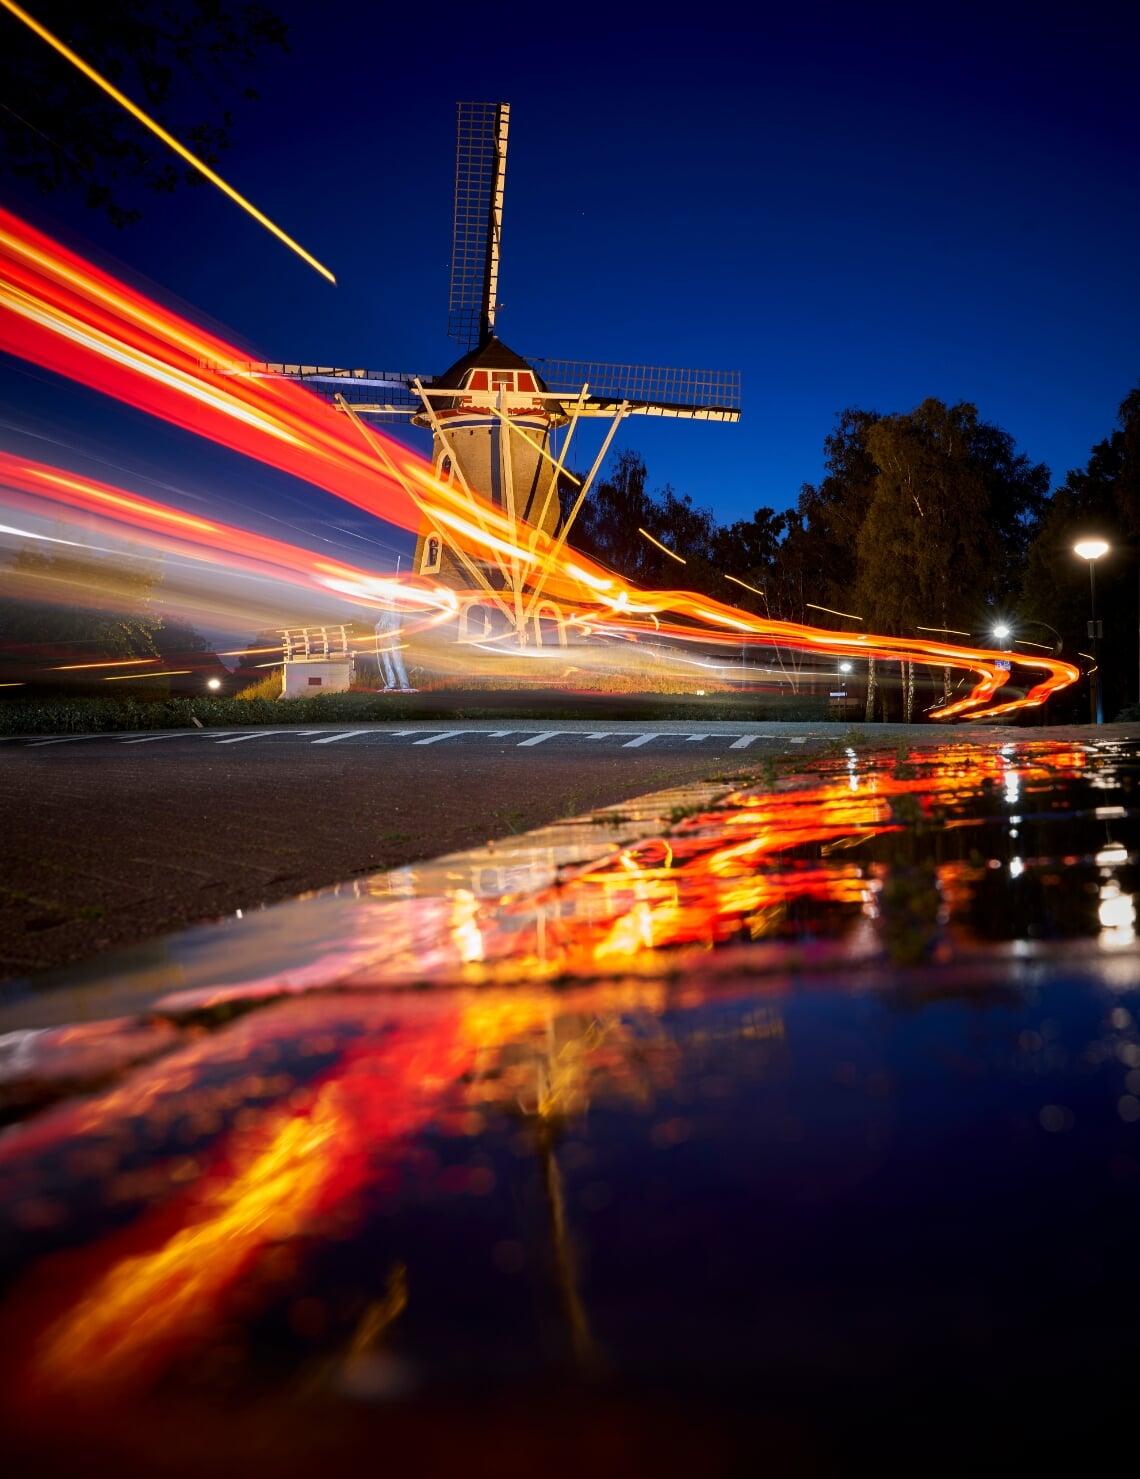 <p>De avondfoto van Rob van Kaathoven werd het hoogst beoordeeld door de jury</p>